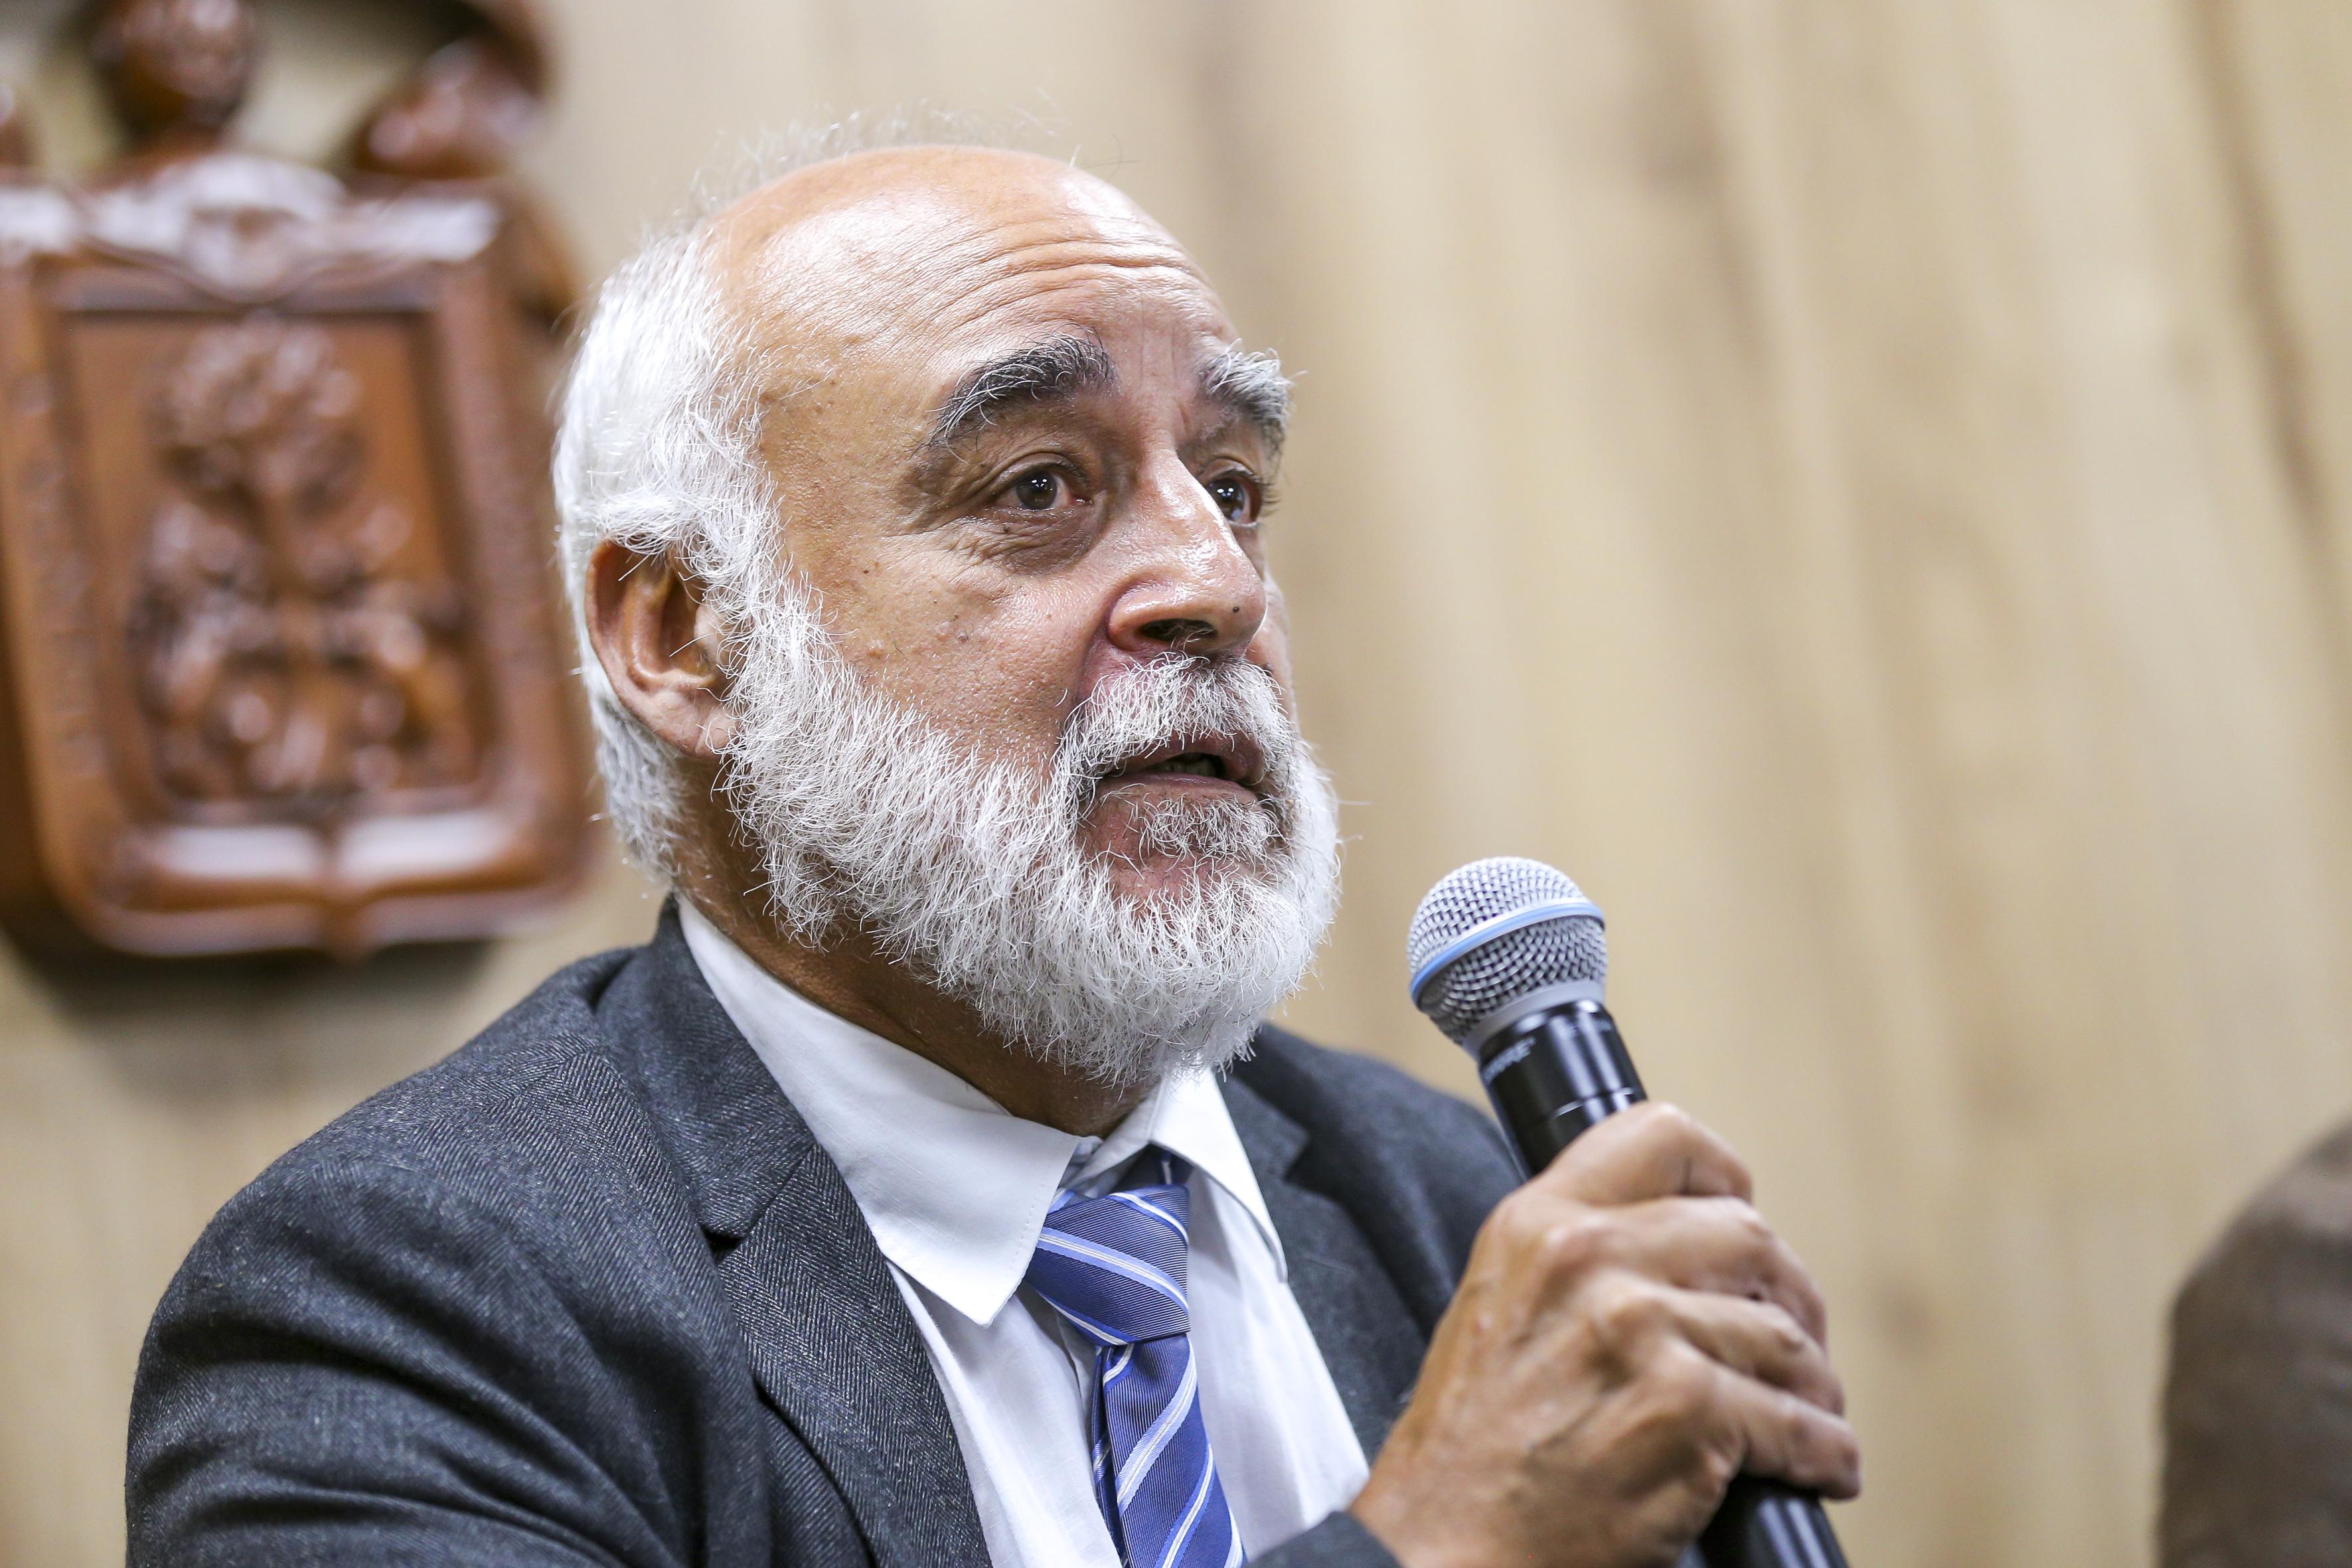 Director de Investigación del Instituto Pasteur de París al micrófono